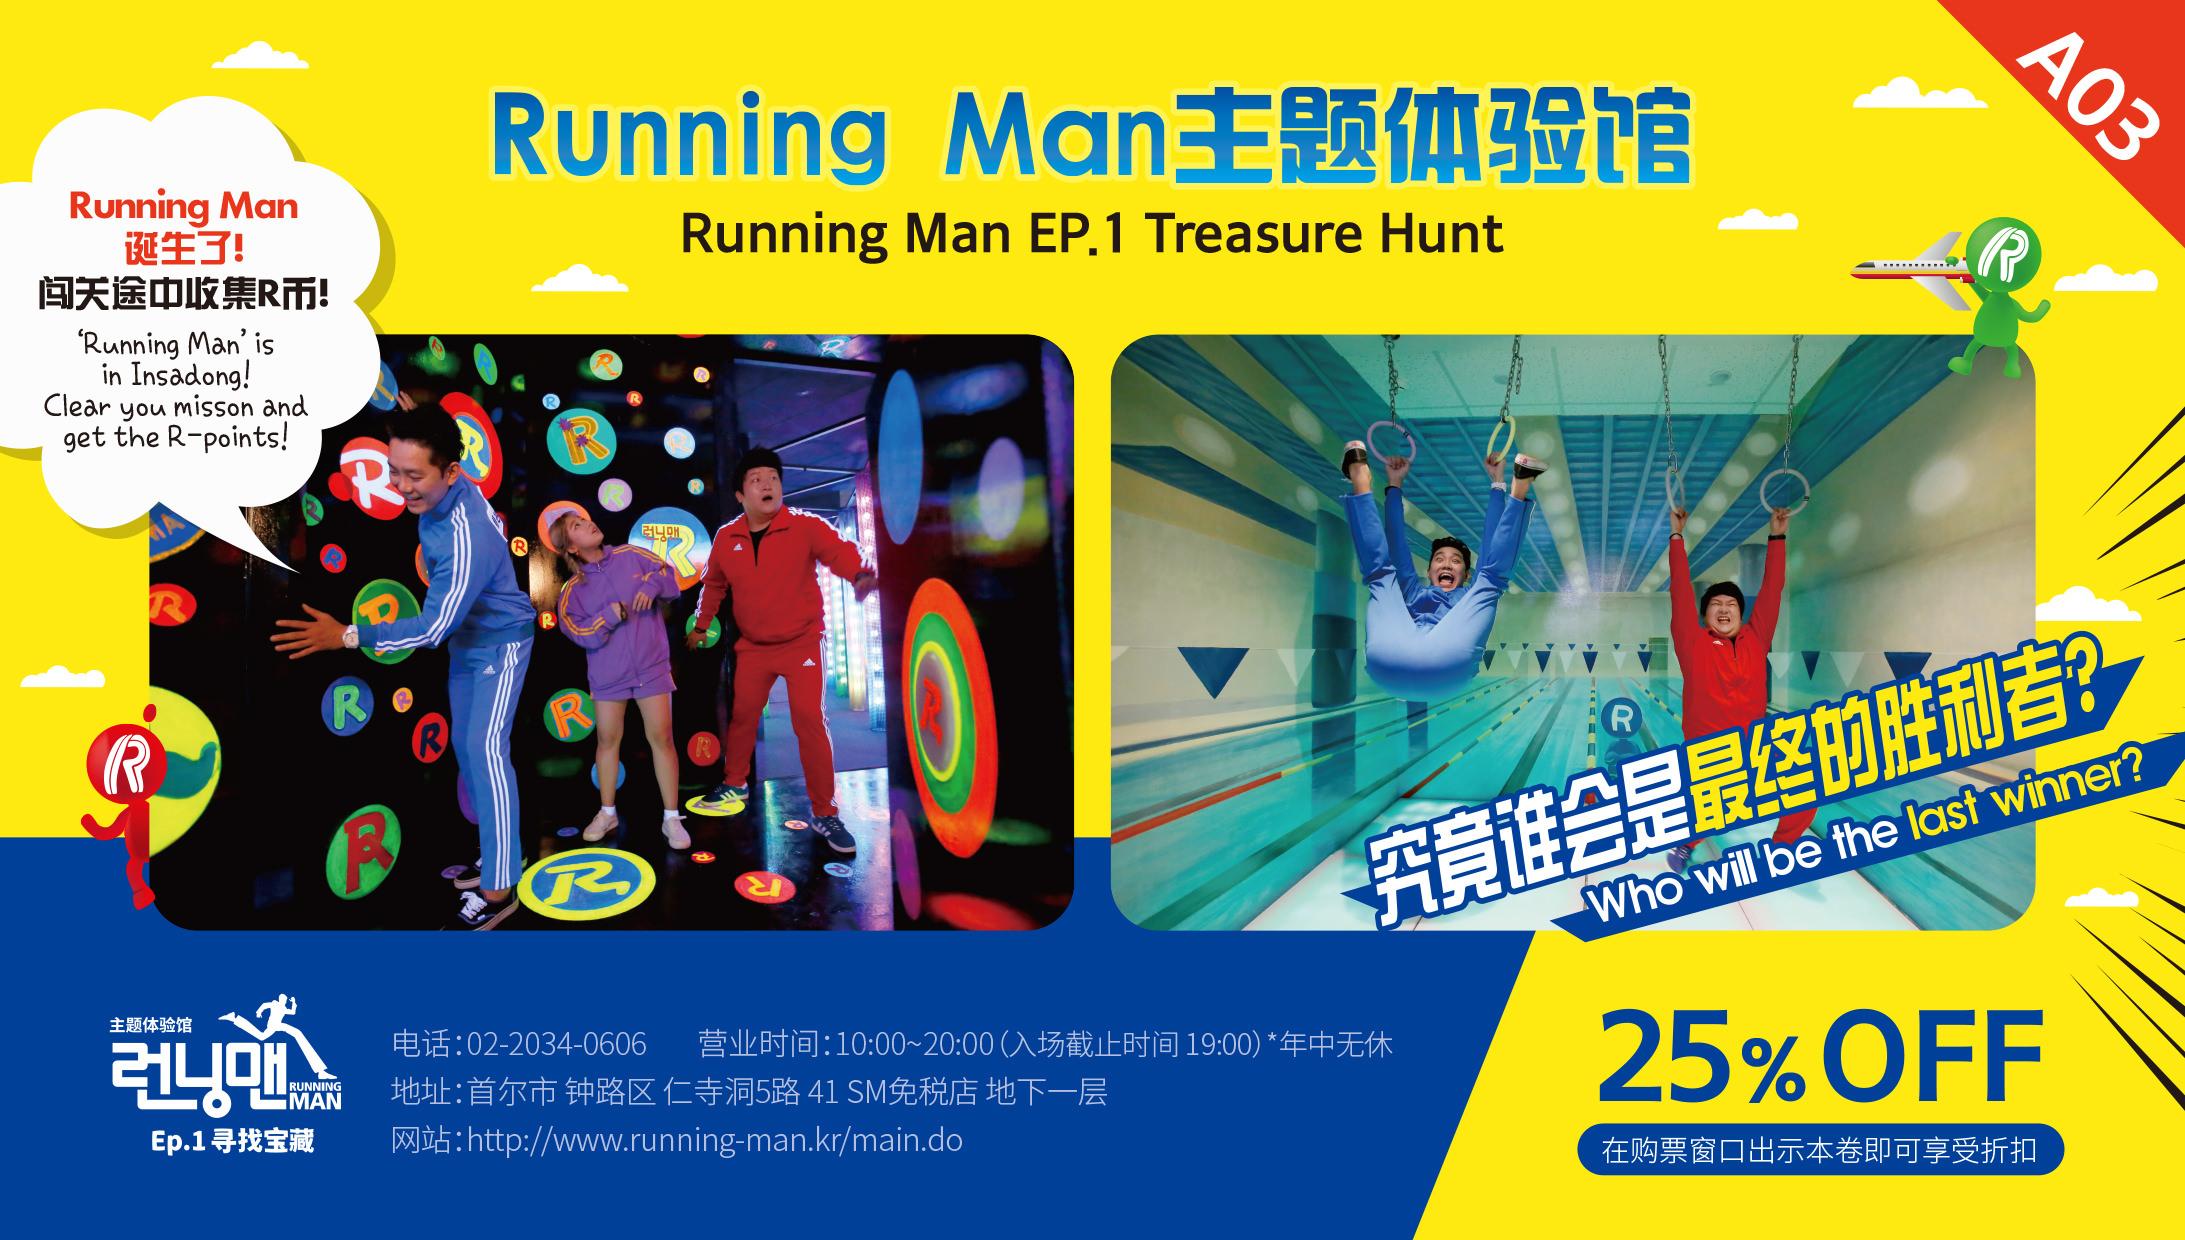 【獨家優惠卷】首爾仁寺洞 『Running Man主題體驗館』 享入場門票折扣